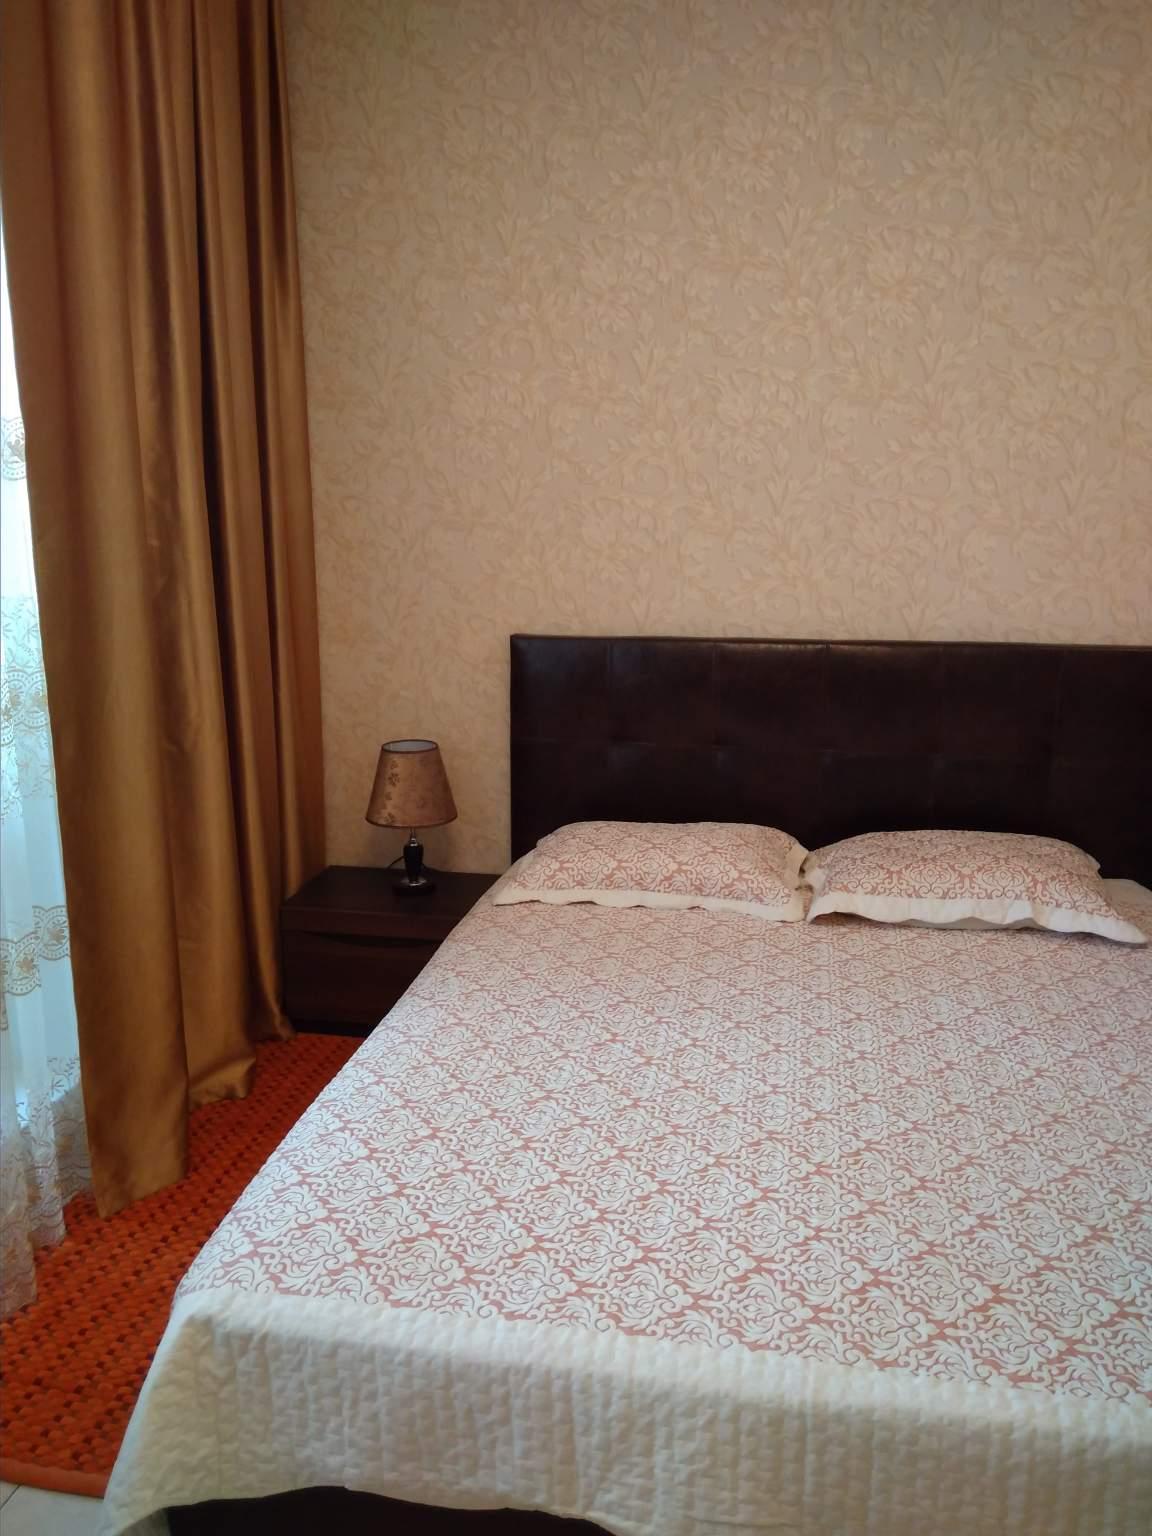 Квартира в аренду по адресу Россия, Новосибирская обл, Новосибирск, Немировича-Данченко улица, 144/1